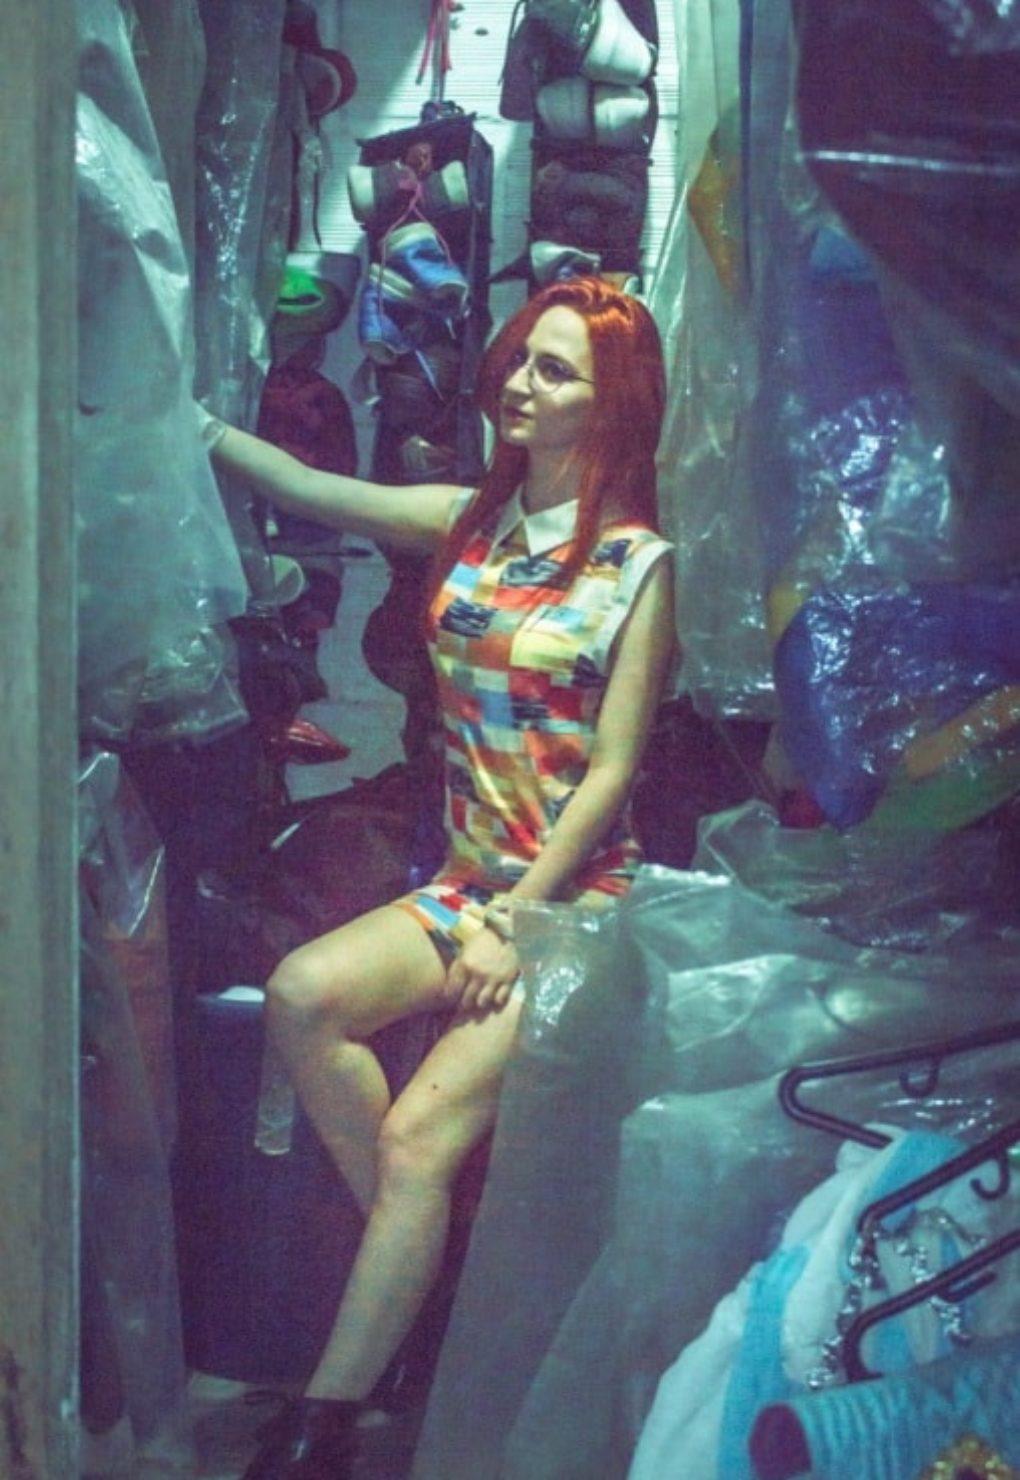 Moda de segunda mano Medellín. Tienda de Cajón. Fotografía por David Meneses